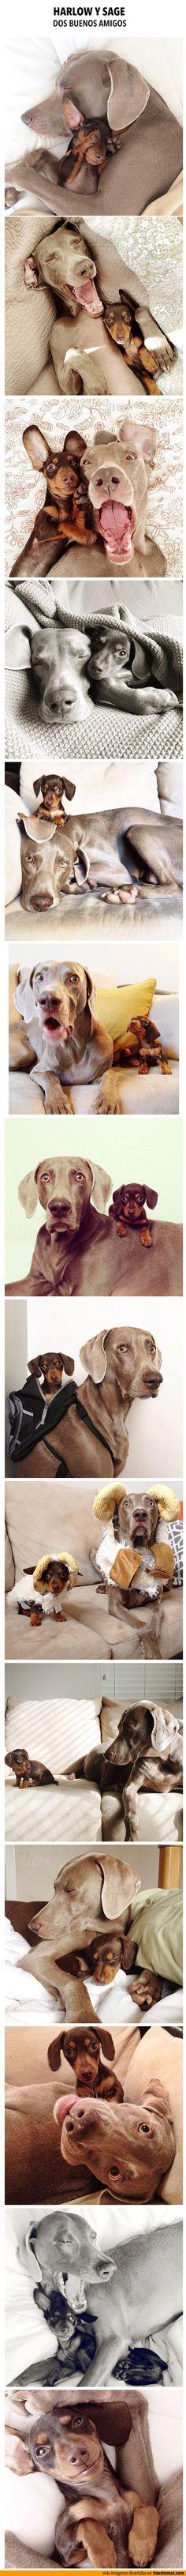 best friends...cute!